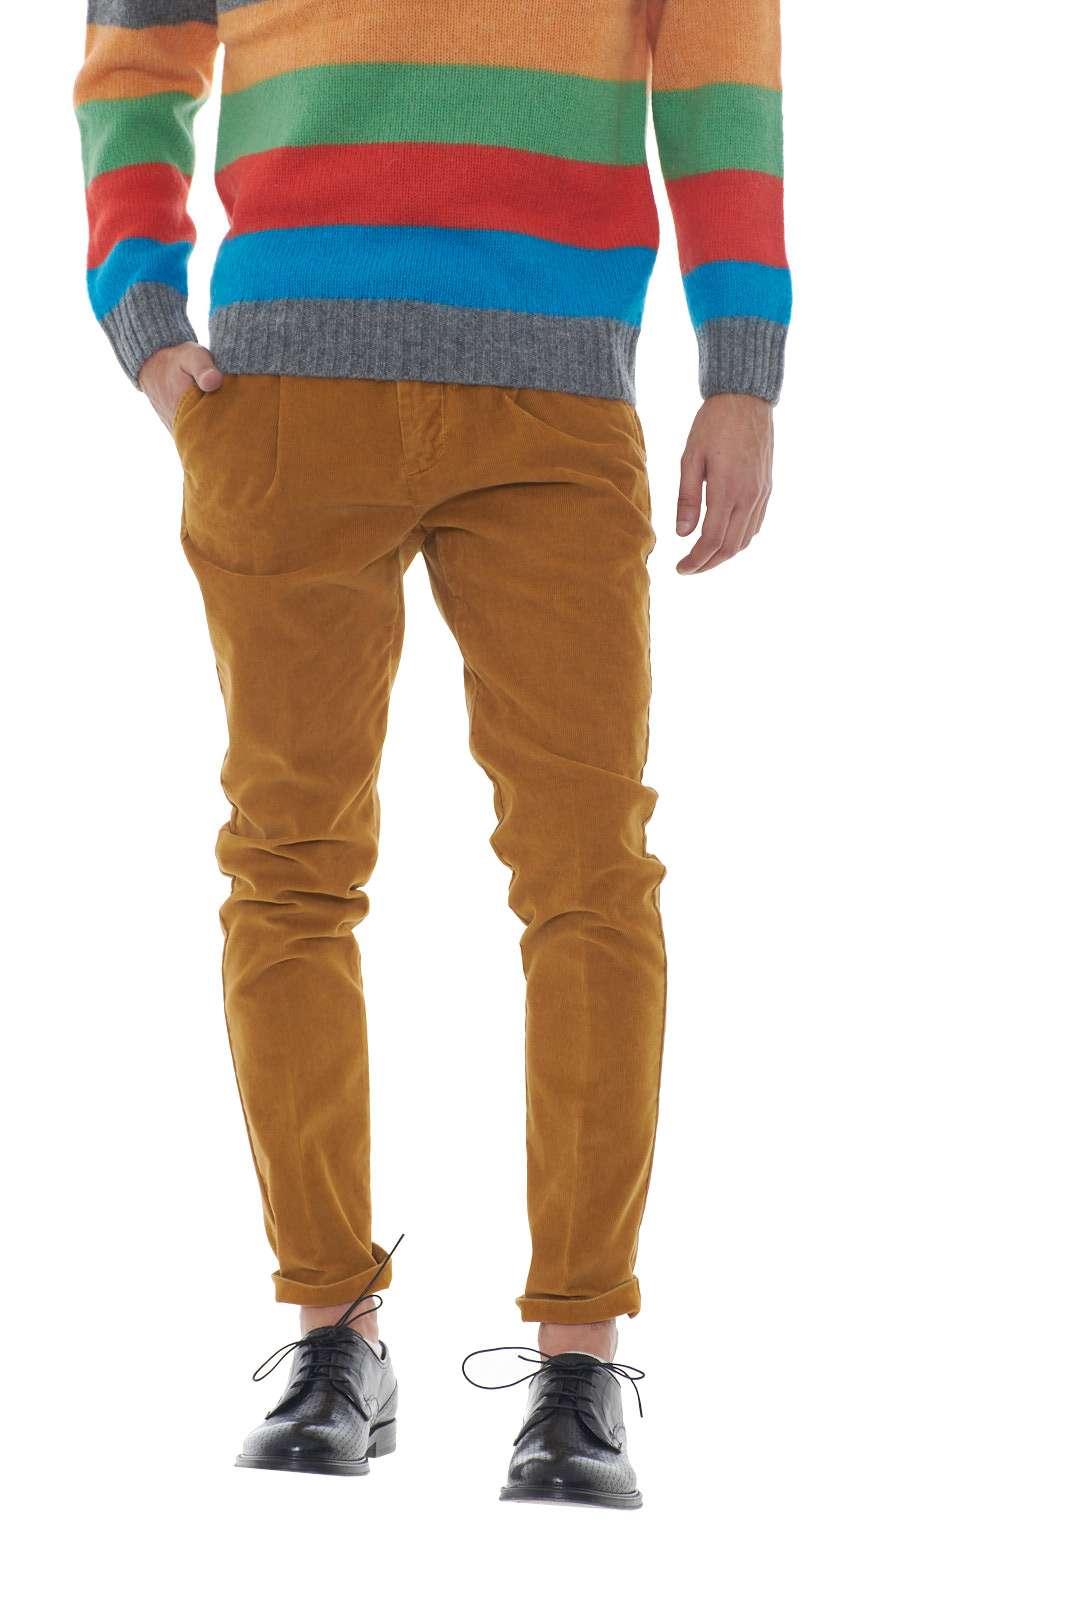 Un tocco fashion per il nuovo pantalone uomo firmato Entre Amis. La lavorazione a costine su taglio slim si impone come must have di stagione. Le pinces sul davanti e le tasche del taglio chino ne esaltano lo stile.  Il modello è alto 1.80m e indossa la taglia 32.